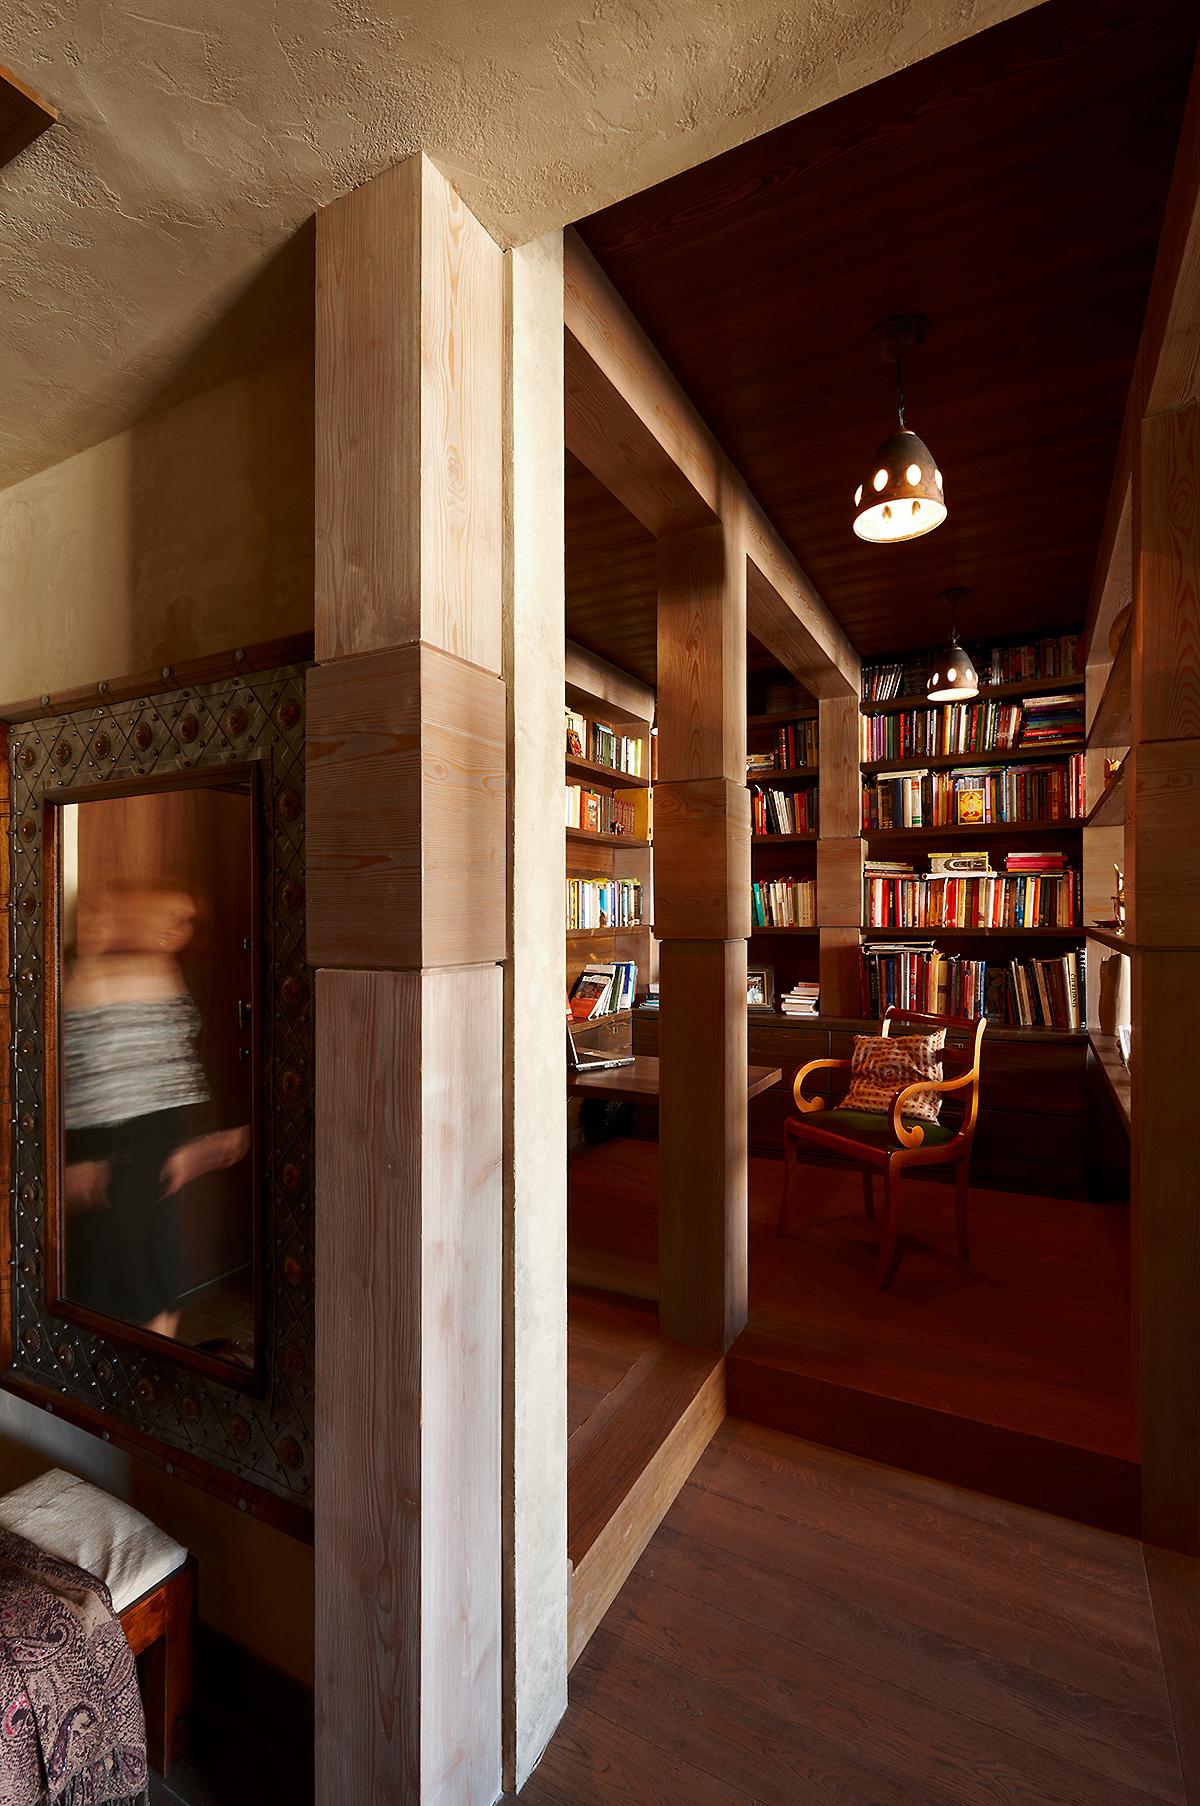 Квартира «», библиотека, фото из проекта